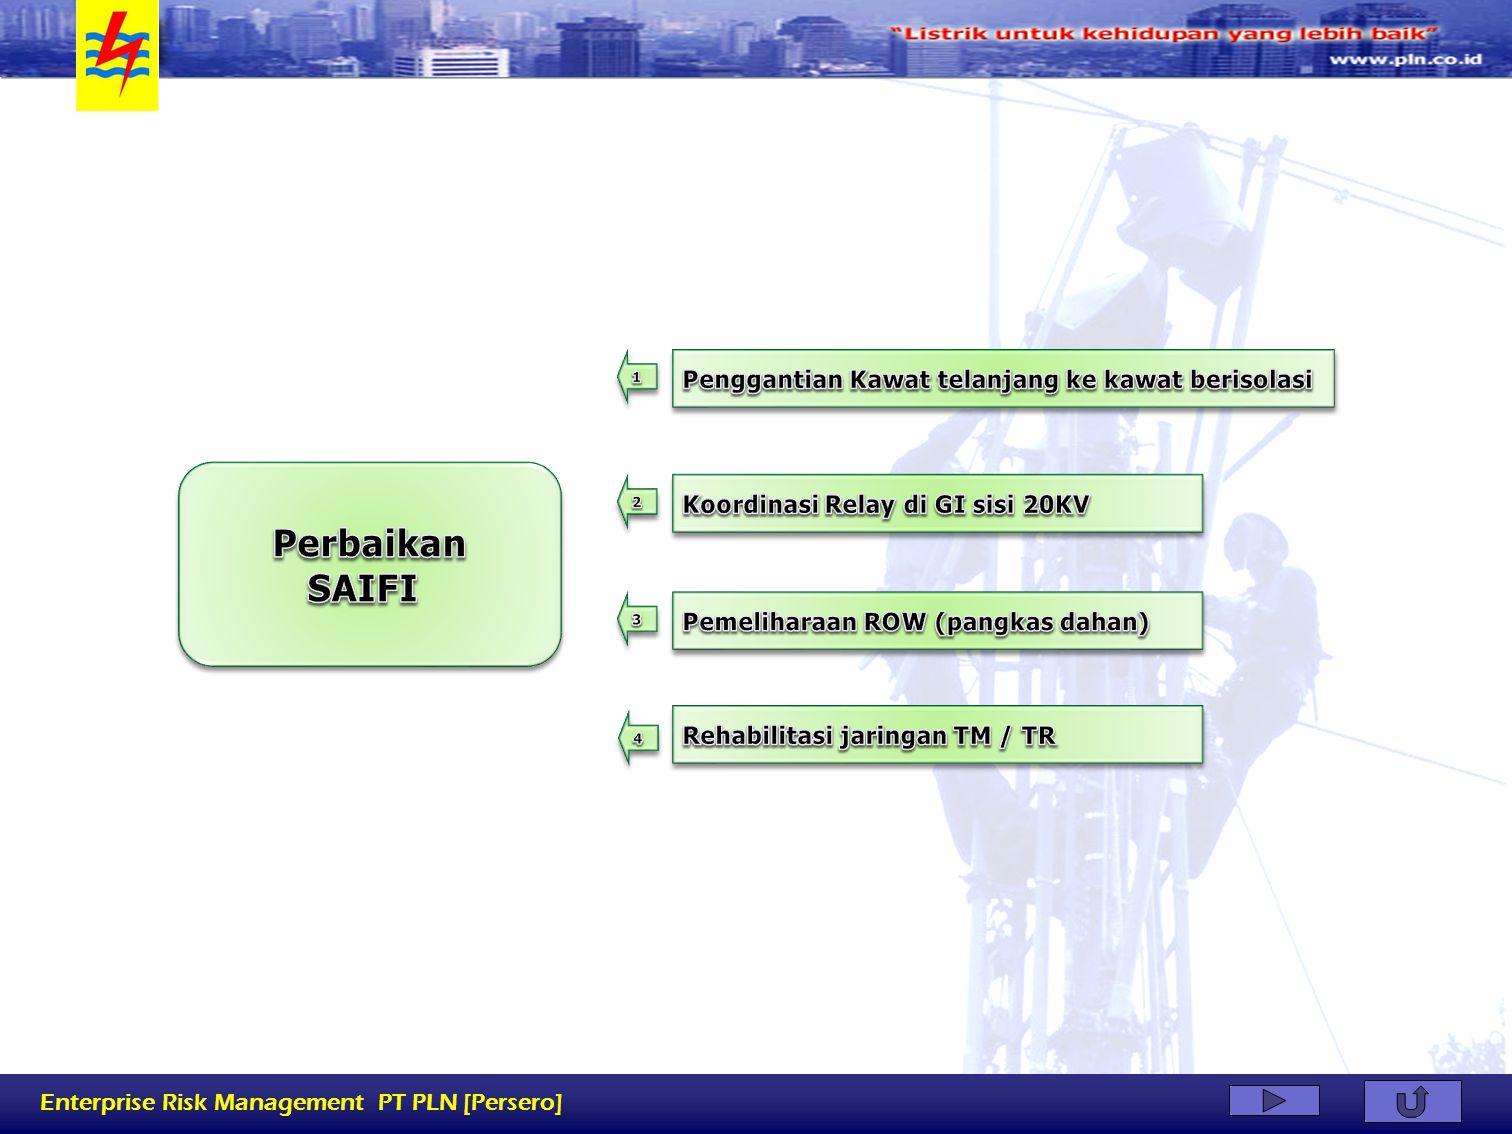 Enterprise Risk Management PT PLN [Persero]